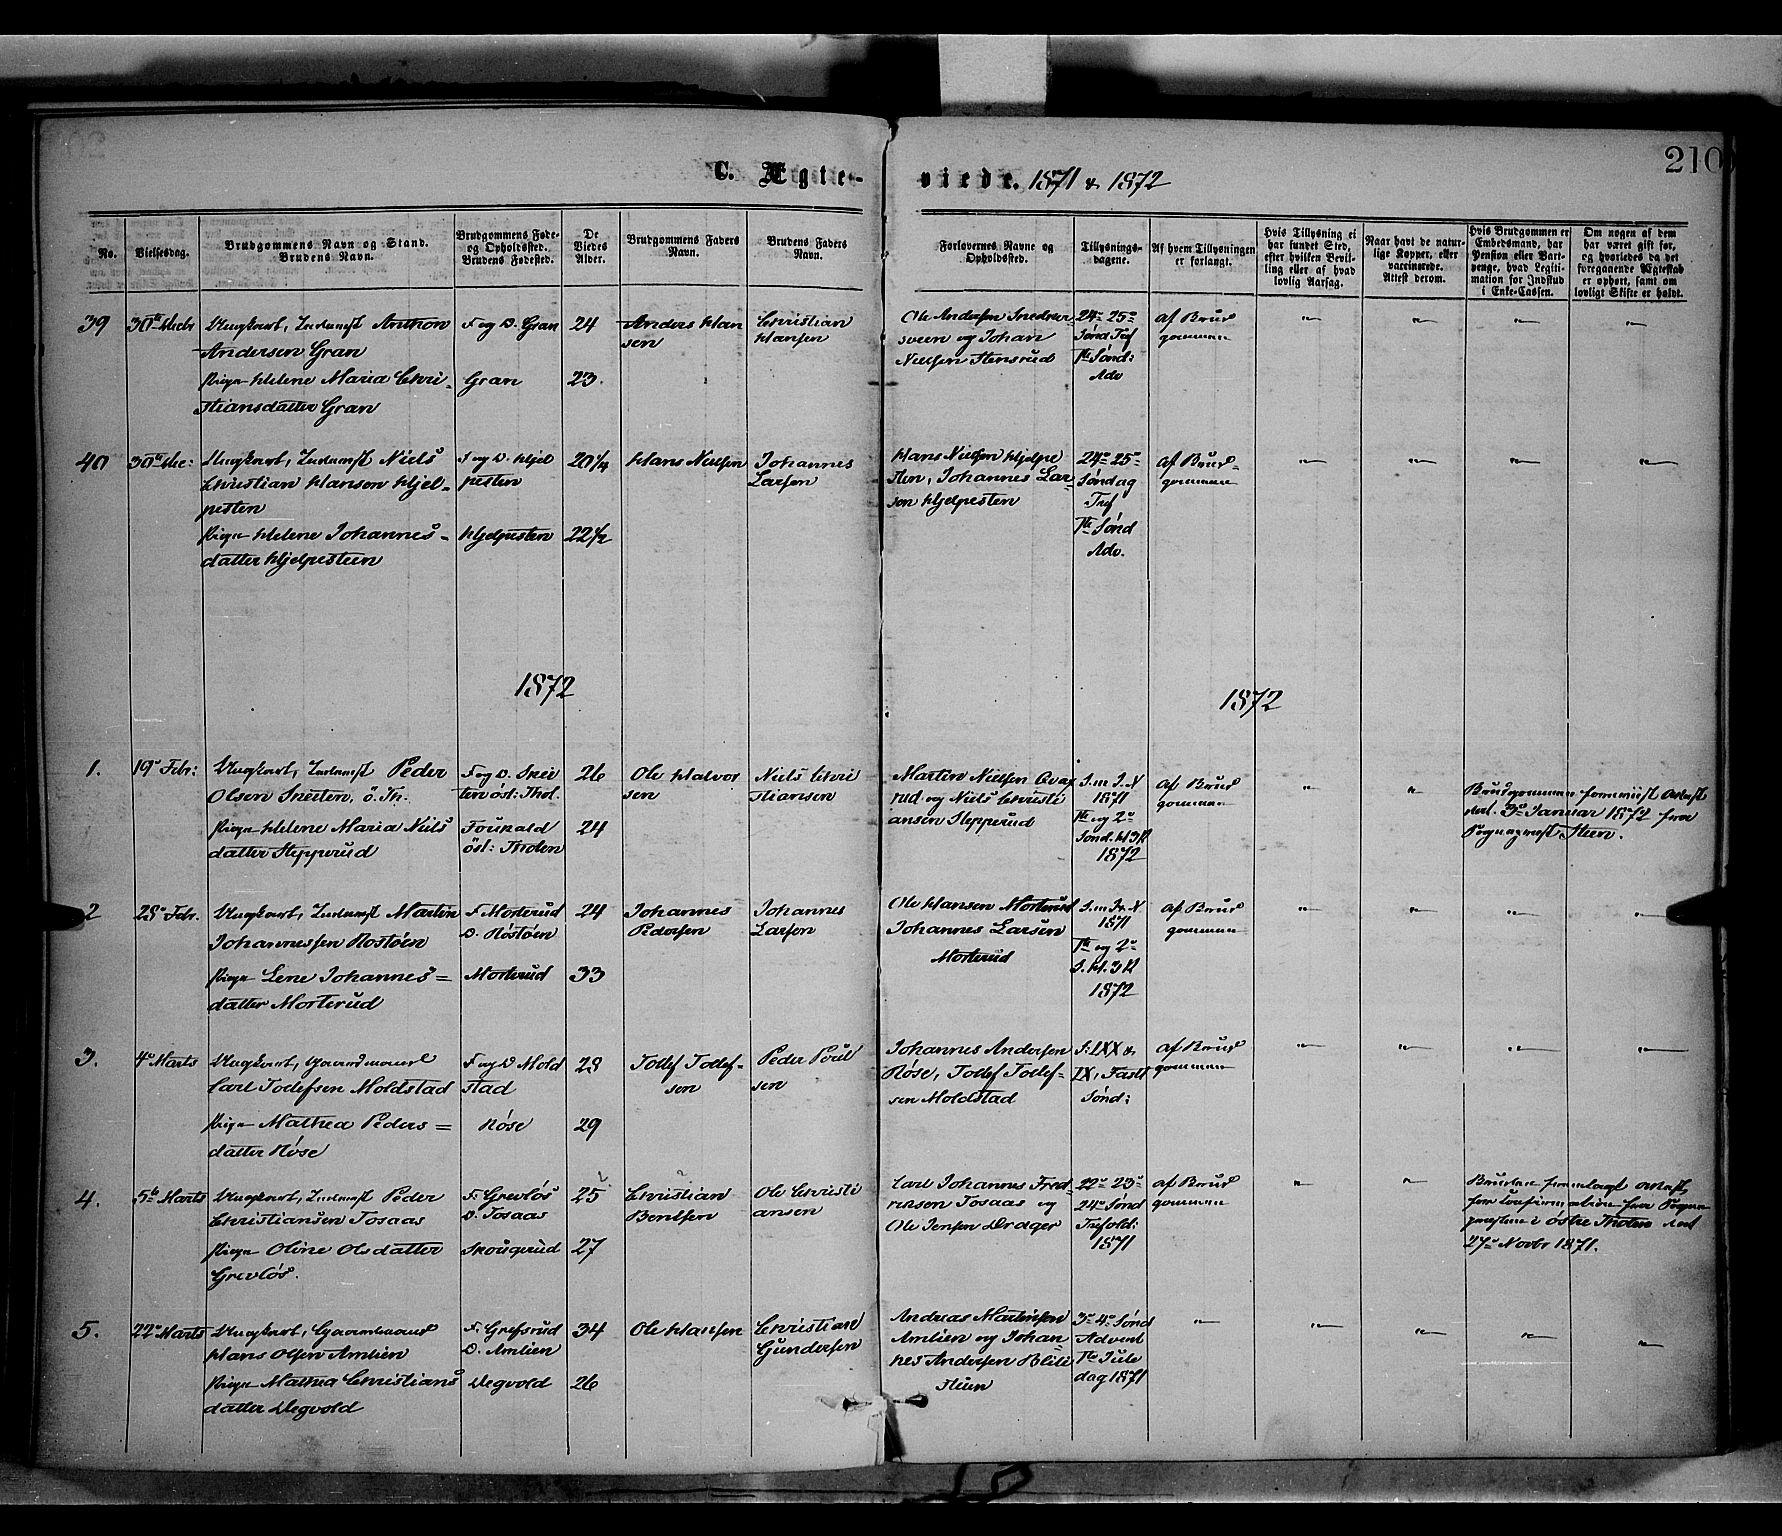 SAH, Vestre Toten prestekontor, Ministerialbok nr. 8, 1870-1877, s. 210